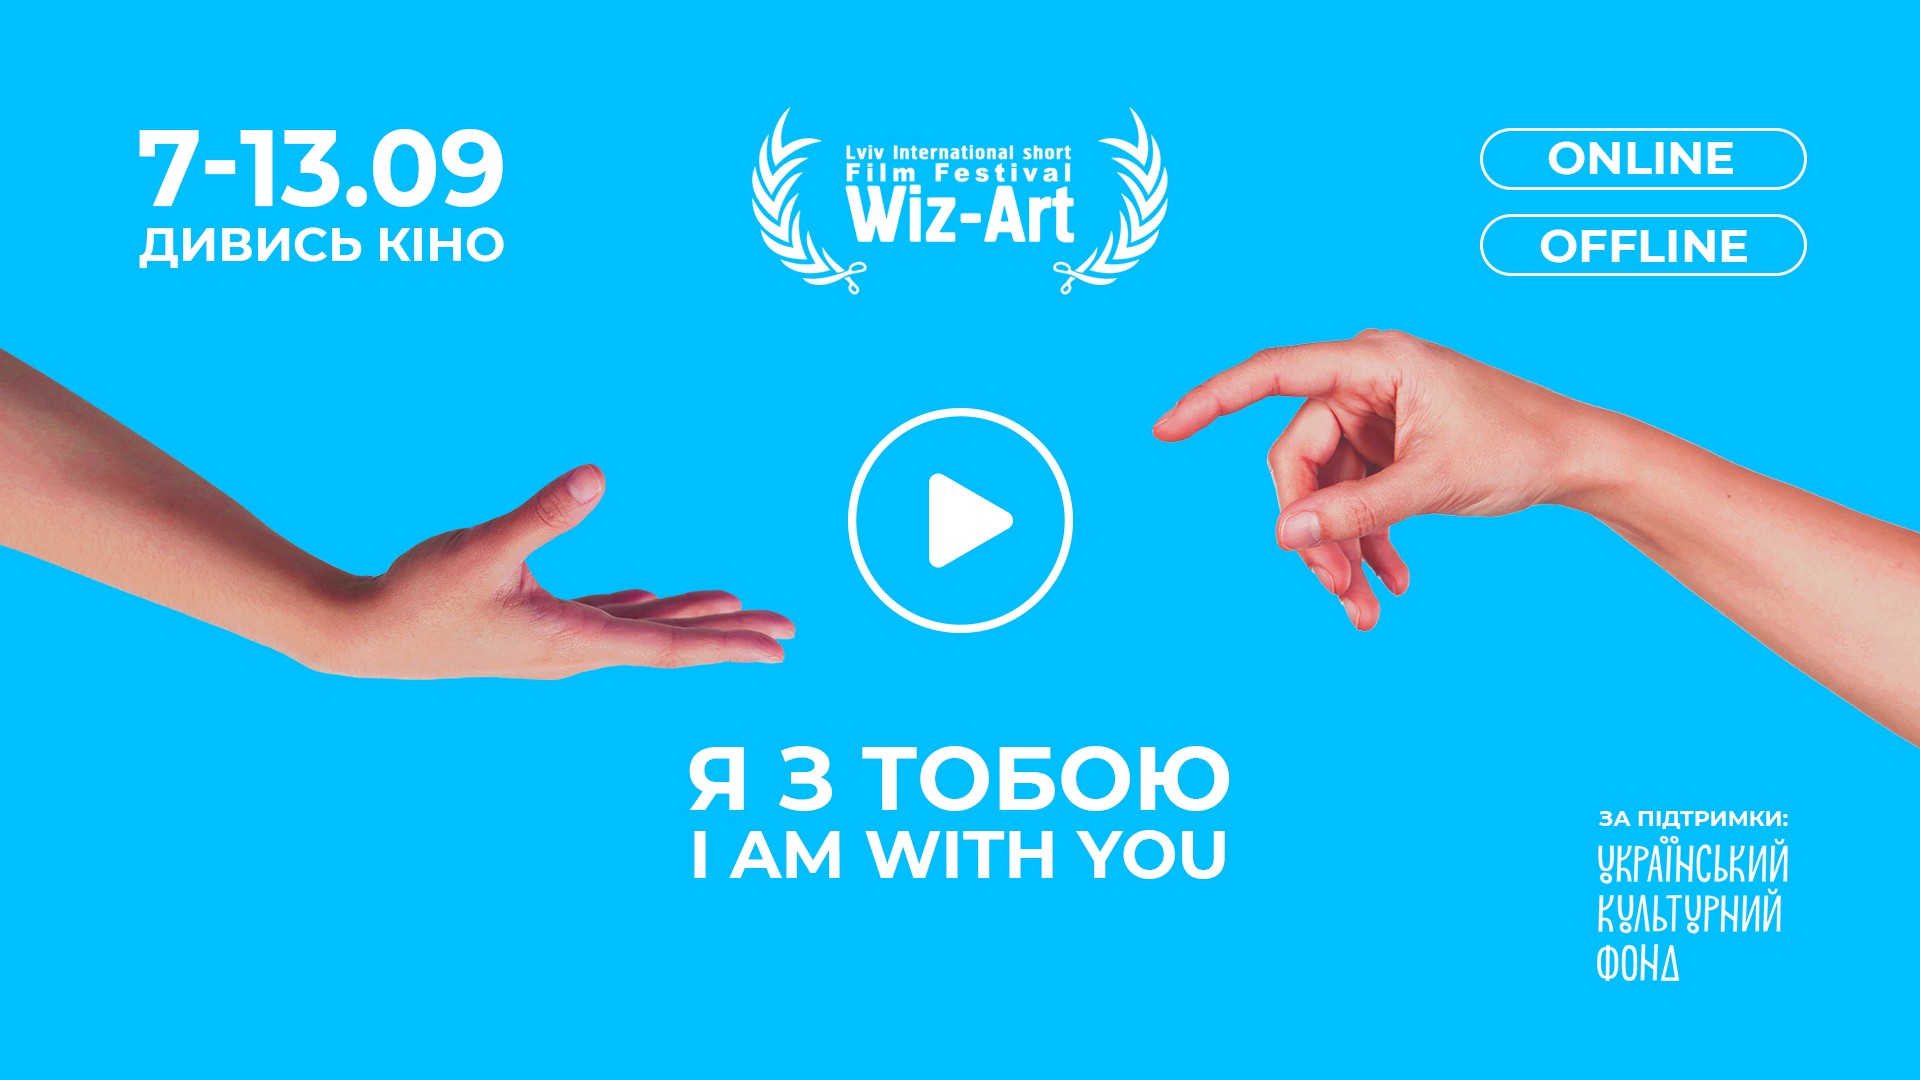 13-й Львівський міжнародний фестиваль короткометражних фільмів Wiz-Art